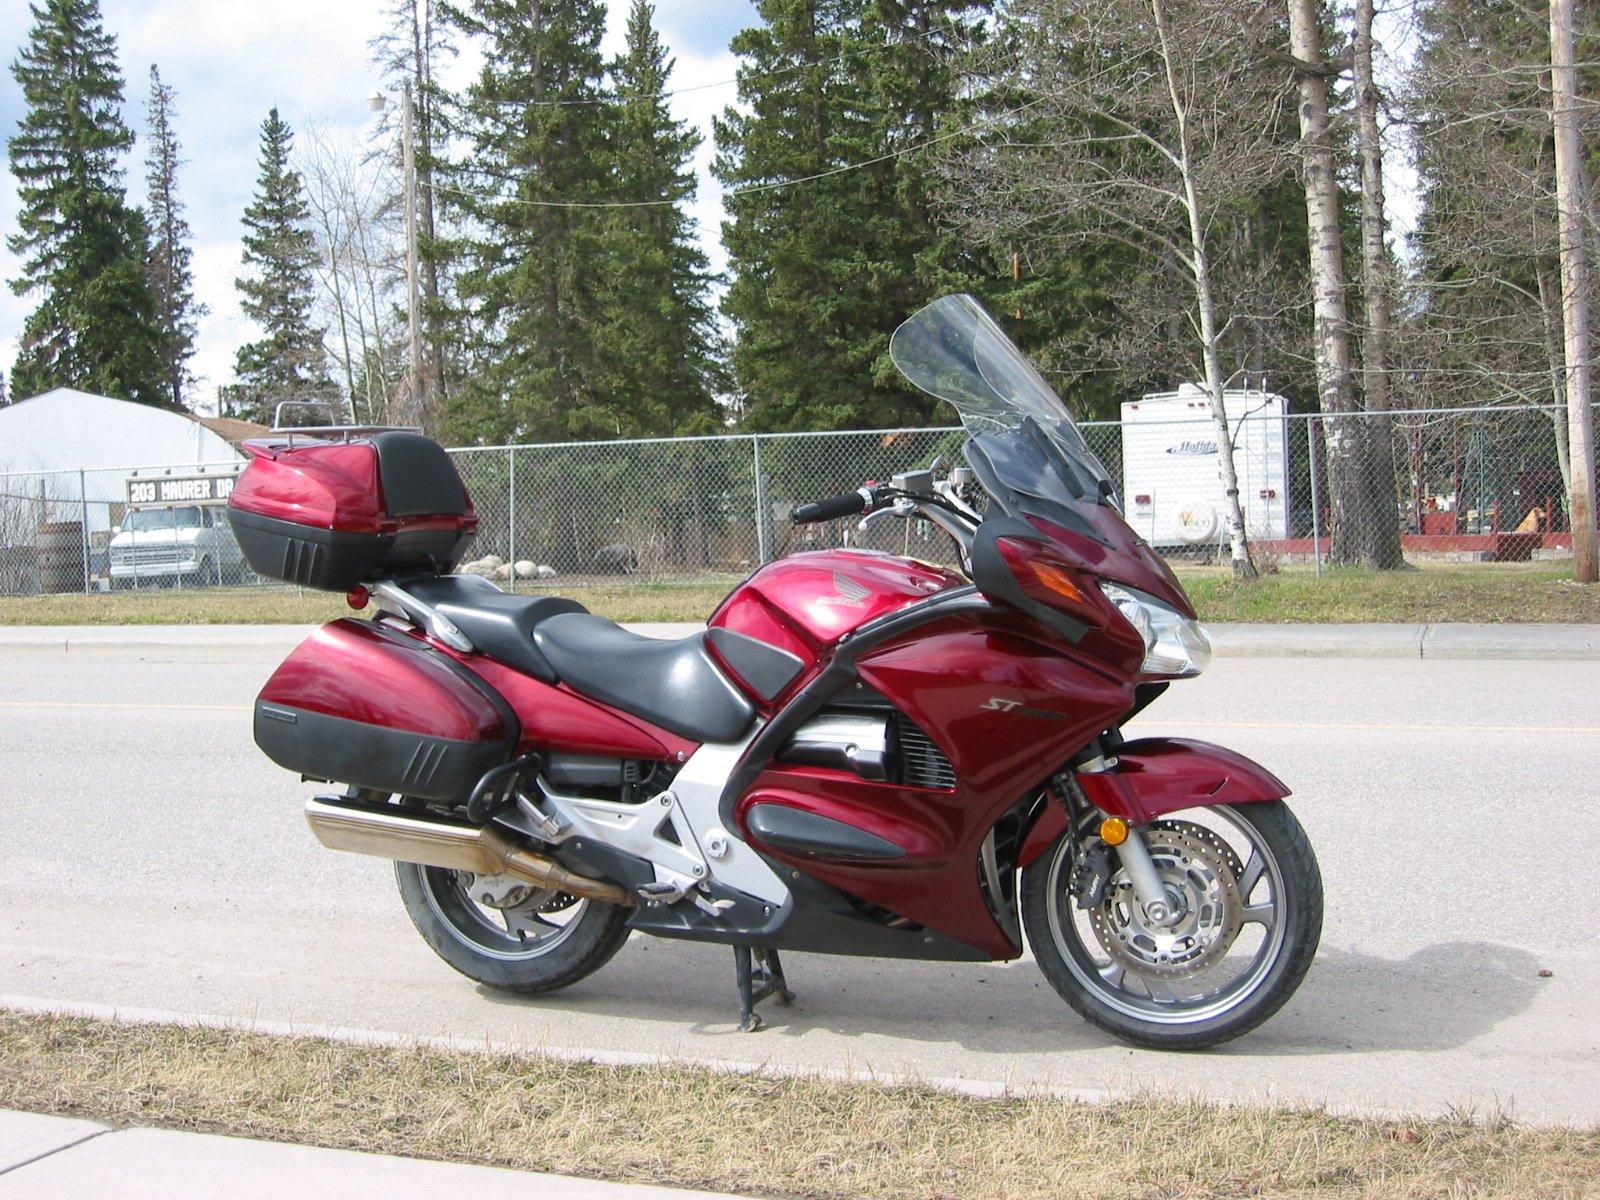 Anyone here ride? What ya got?-1-st1300-may-7-2011-2-.jpg